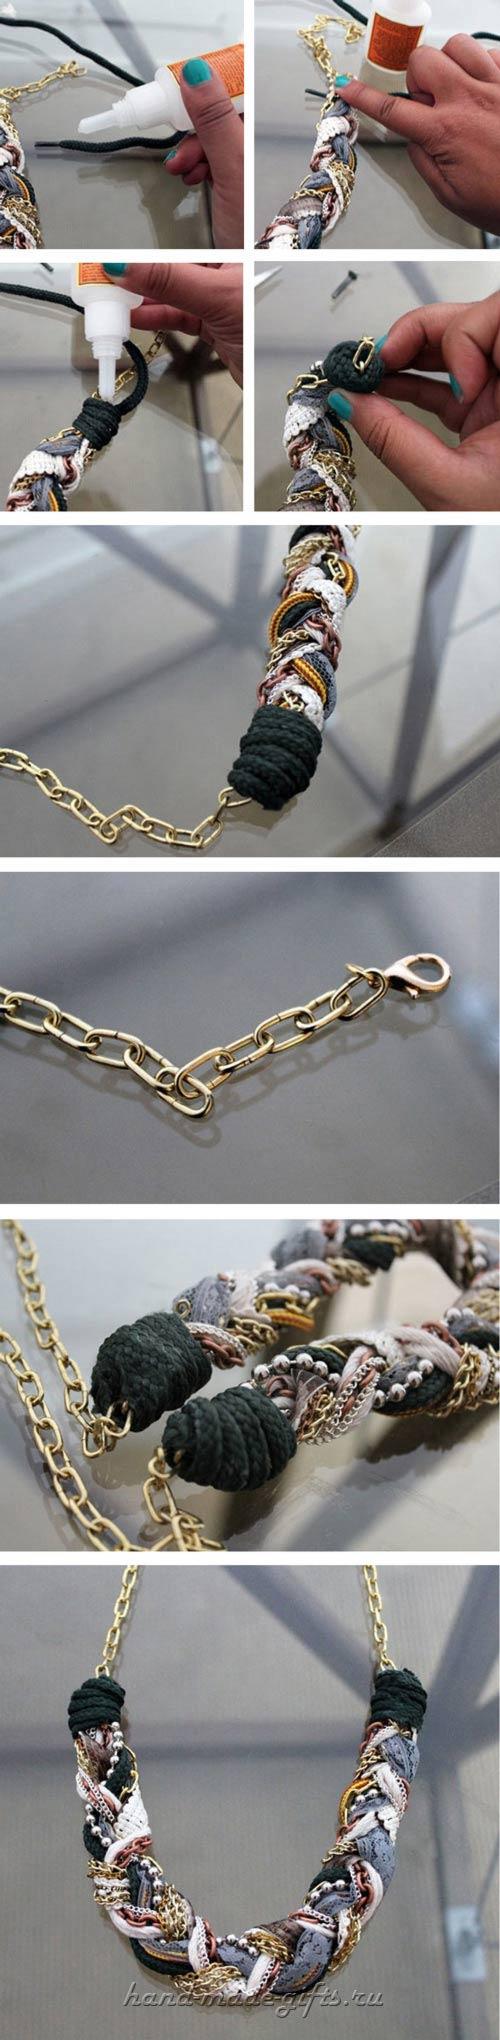 браслет и ожерелье в стиле бохо своими руками